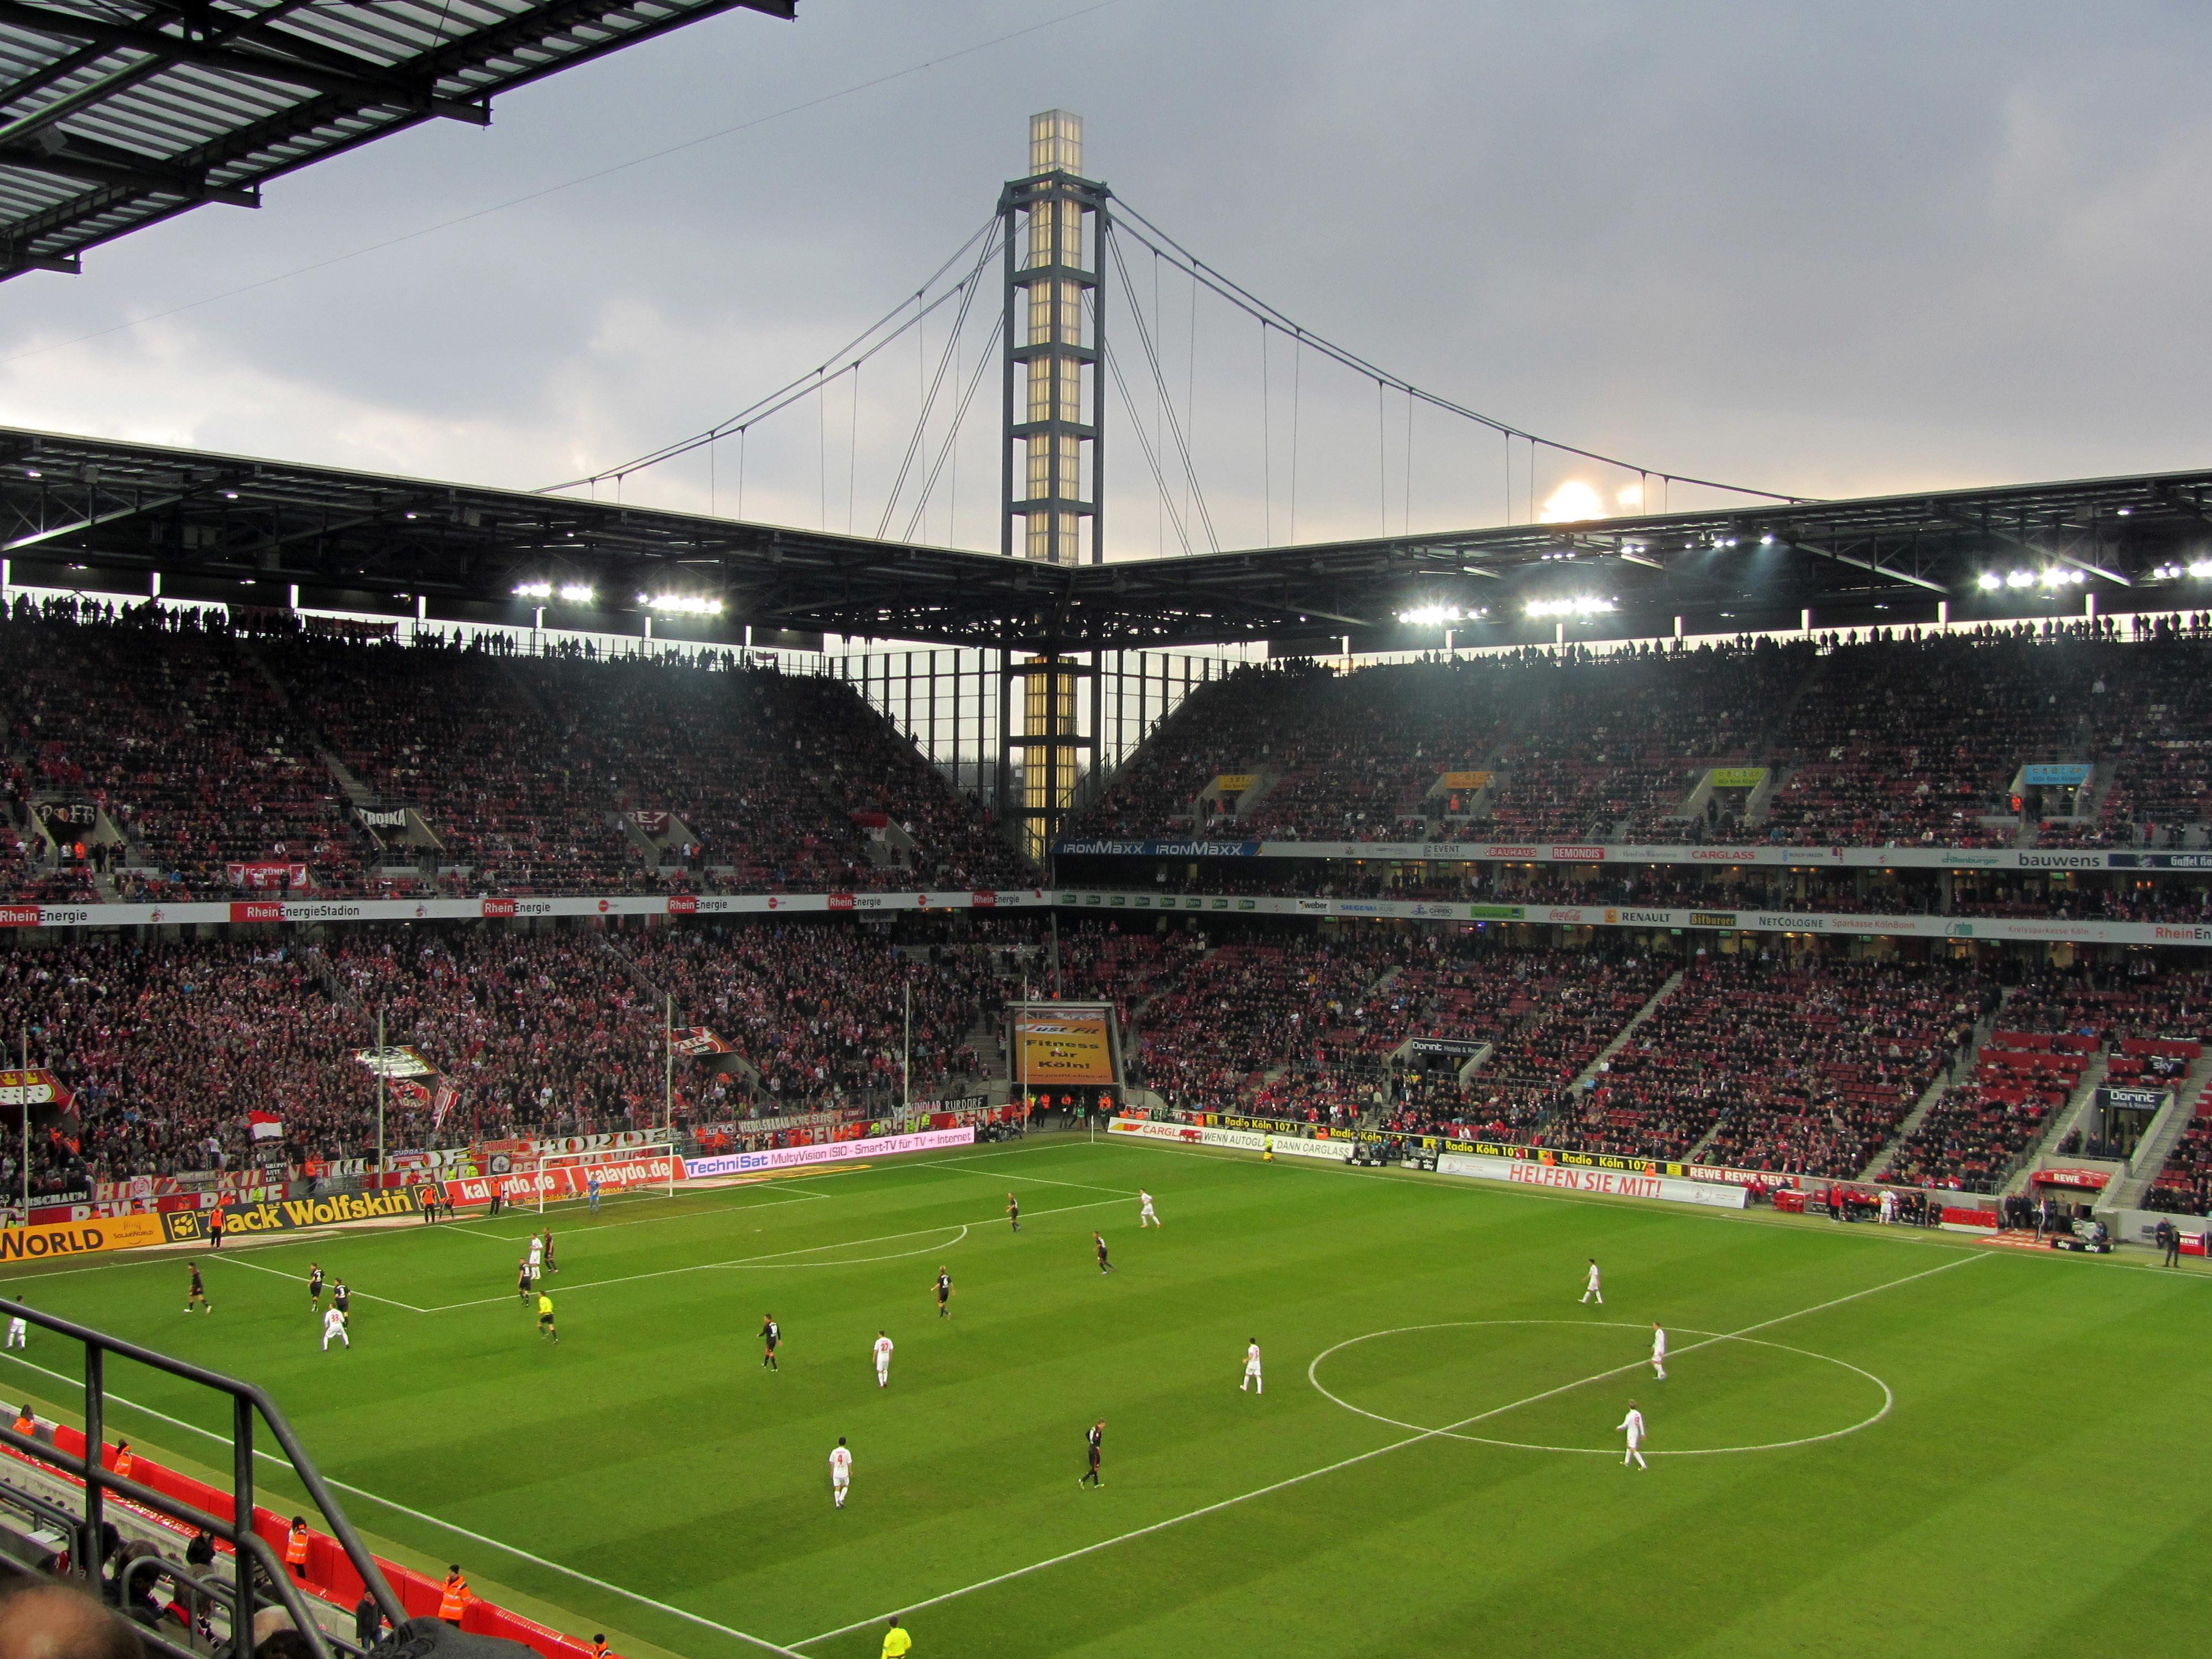 Letnie zakupy Bayeru Leverkusen w sklepie o nazwie Hoffenheim